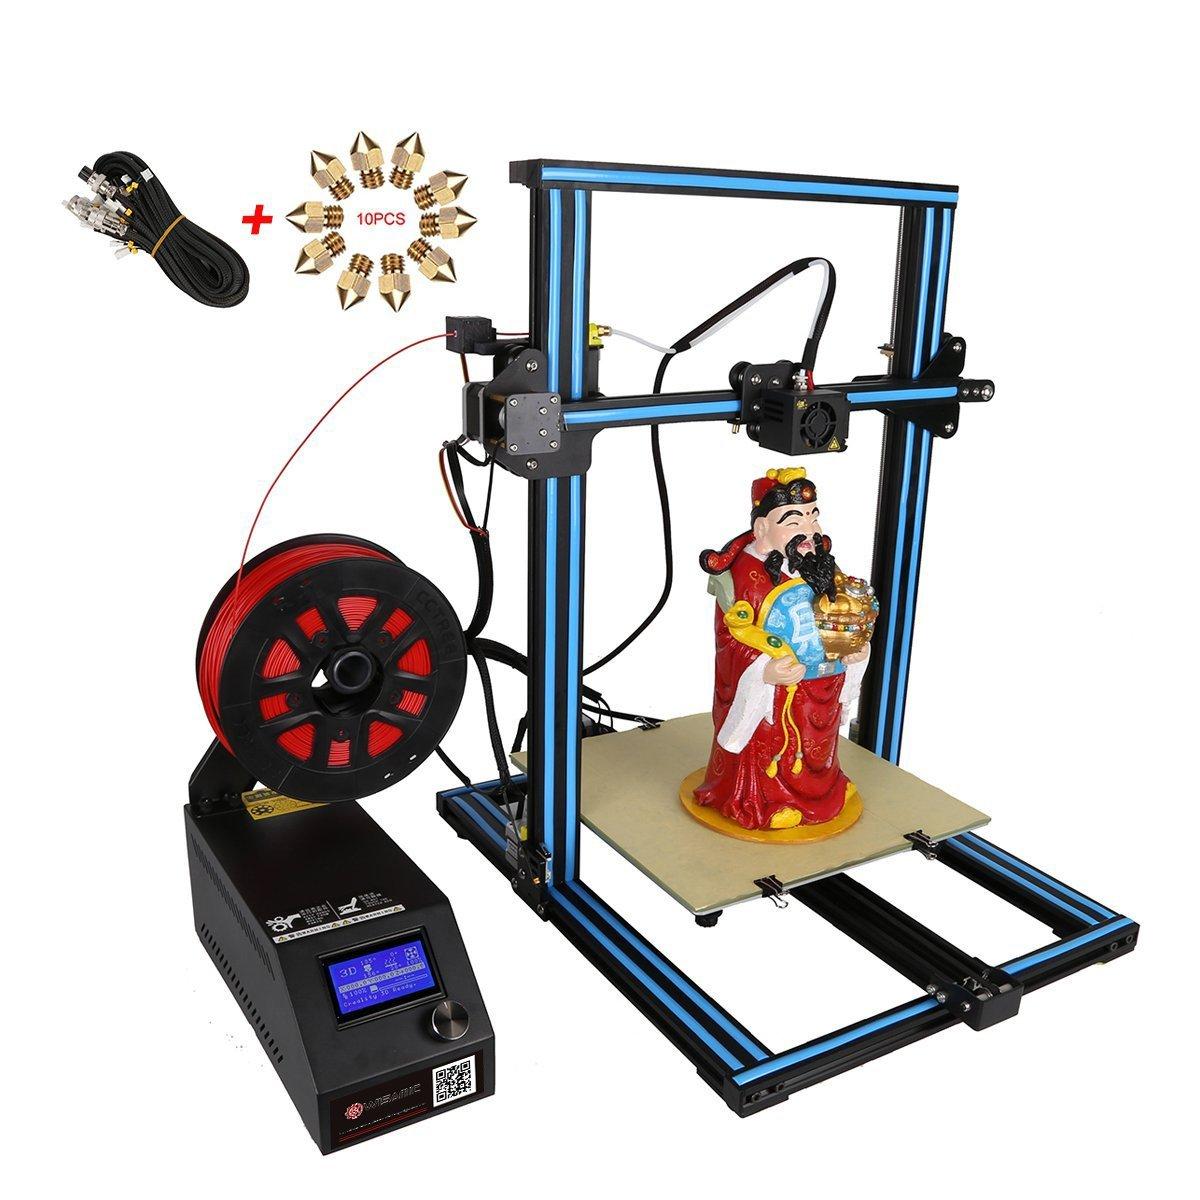 Wisamic Creality 3D Drucker CR-10S Prusa I3 mit Dual Z Axis Leading Screws und Filament Detector Groß e Flä che 300x300x400mm,mit Verlä ngerungskabel, 10 Stü ck Nozzels